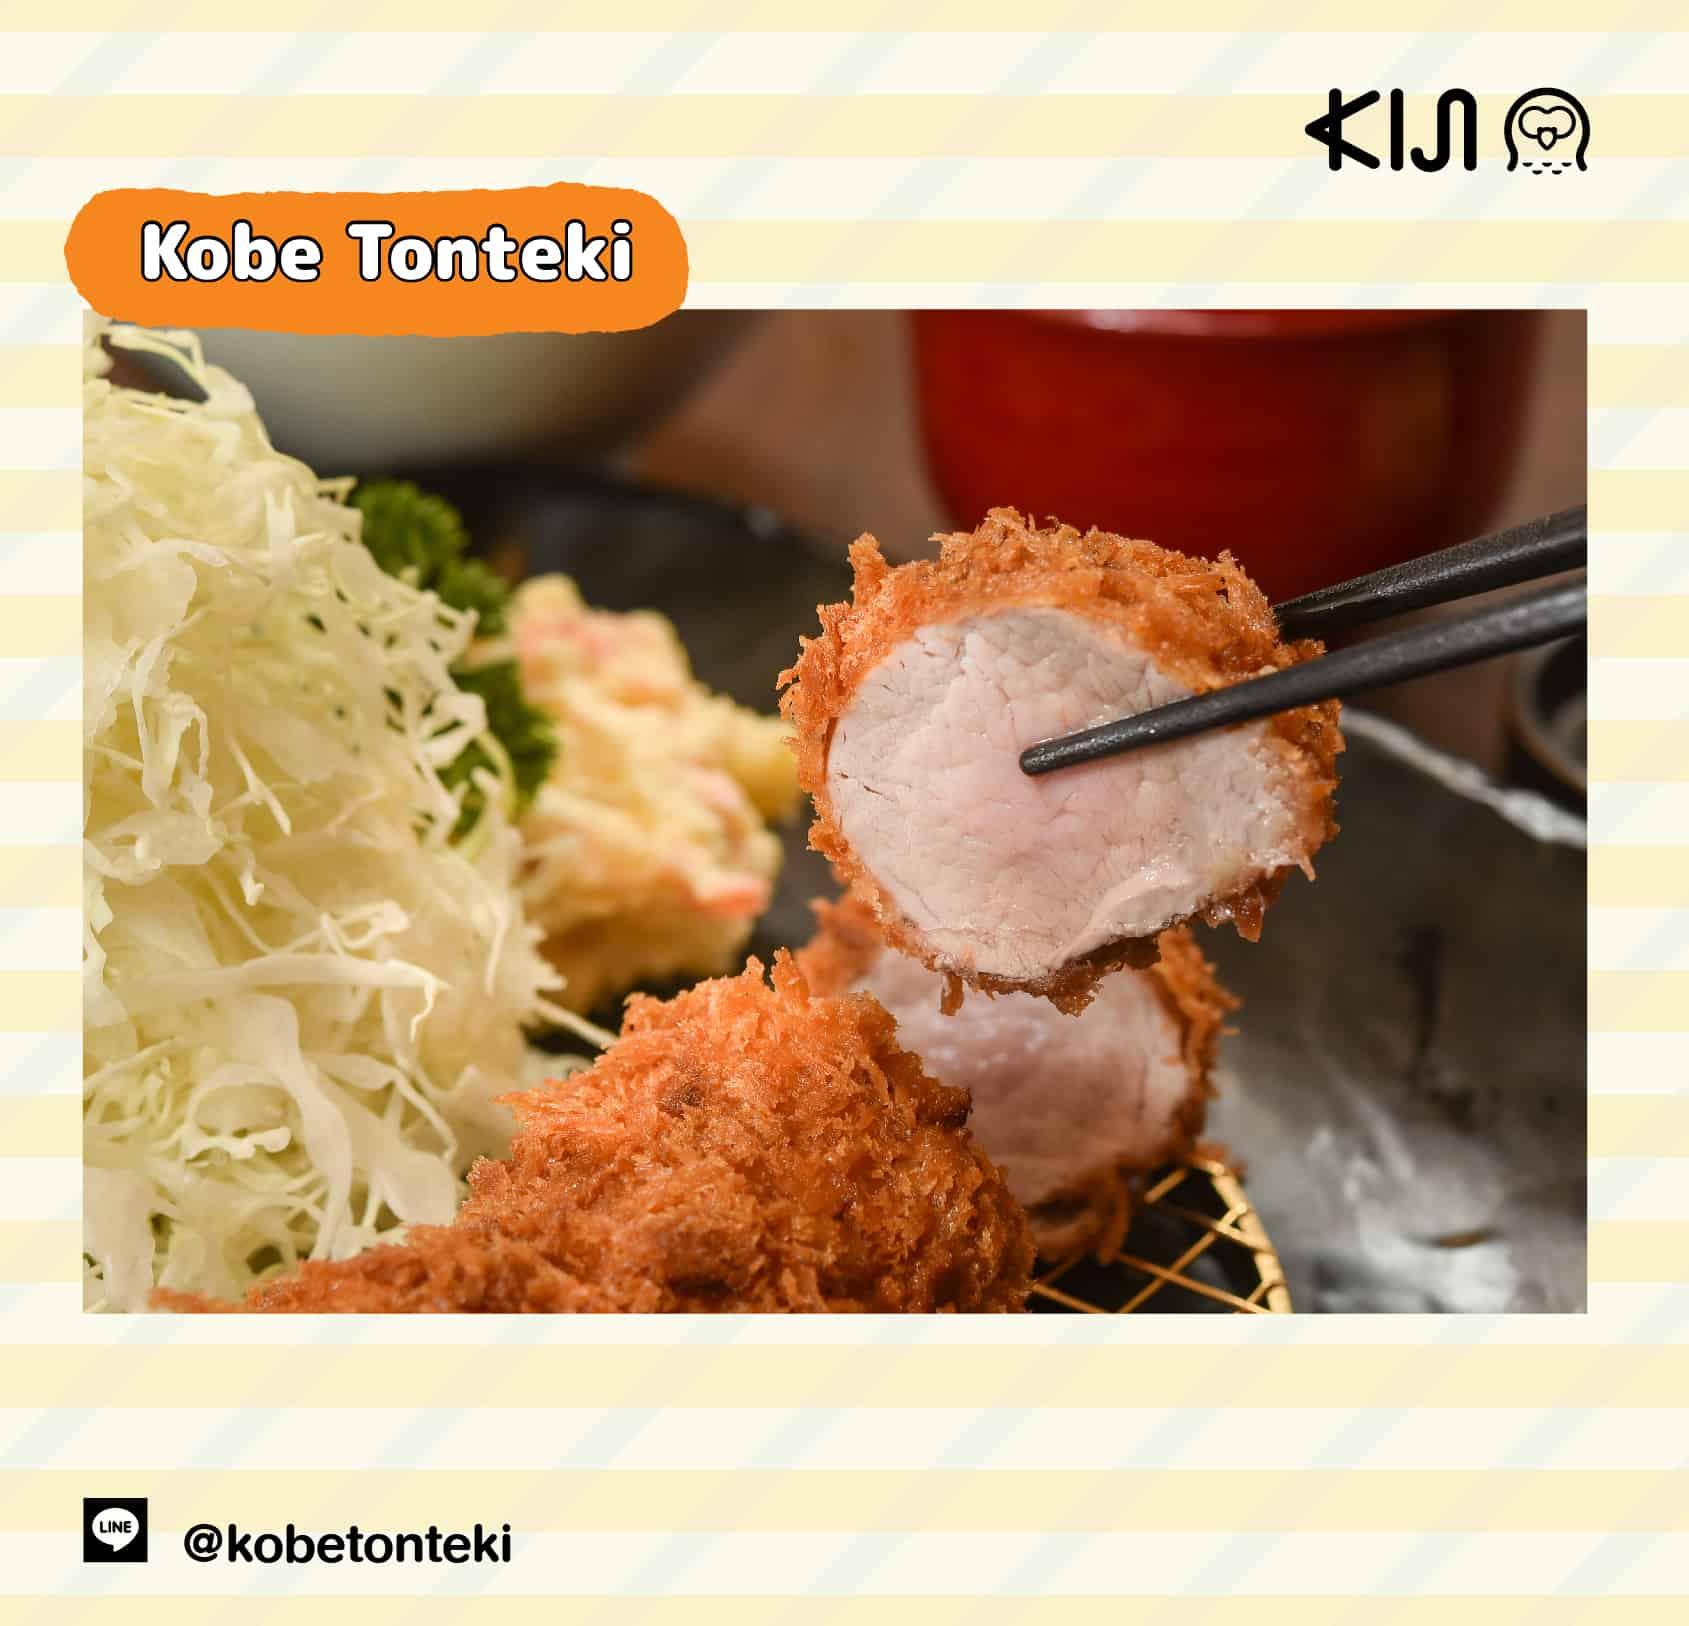 Kobe Tonteki ทงคัตสึ ในซอยสุขุมวิท 33/1 ก็พร้อม เดลิเวอรี่!